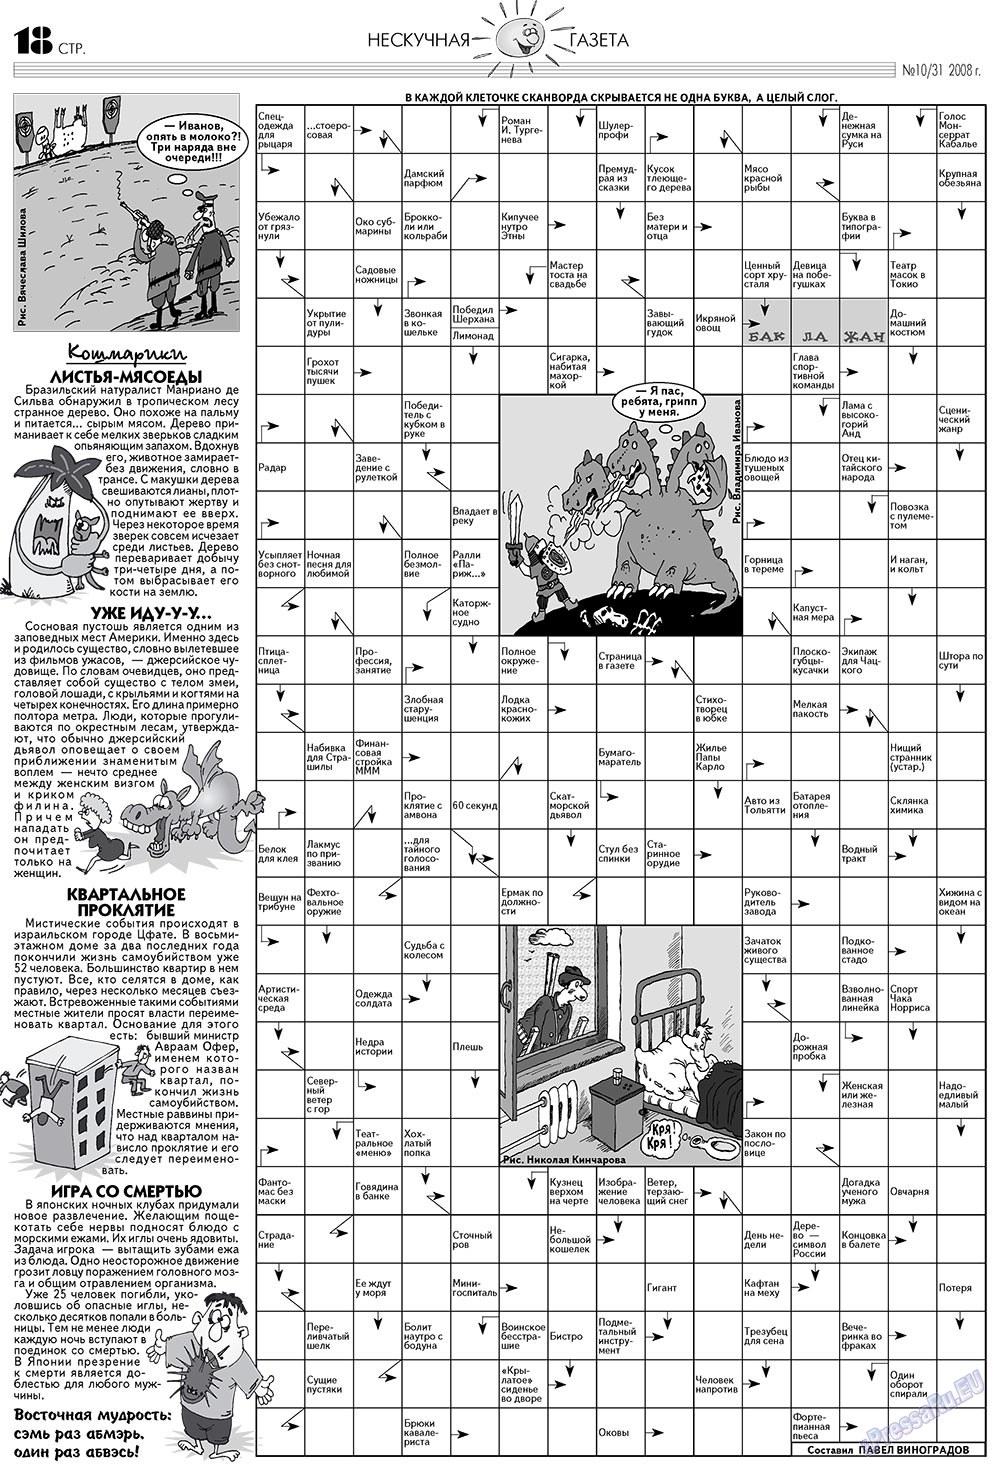 Нескучная газета (газета). 2008 год, номер 10, стр. 14